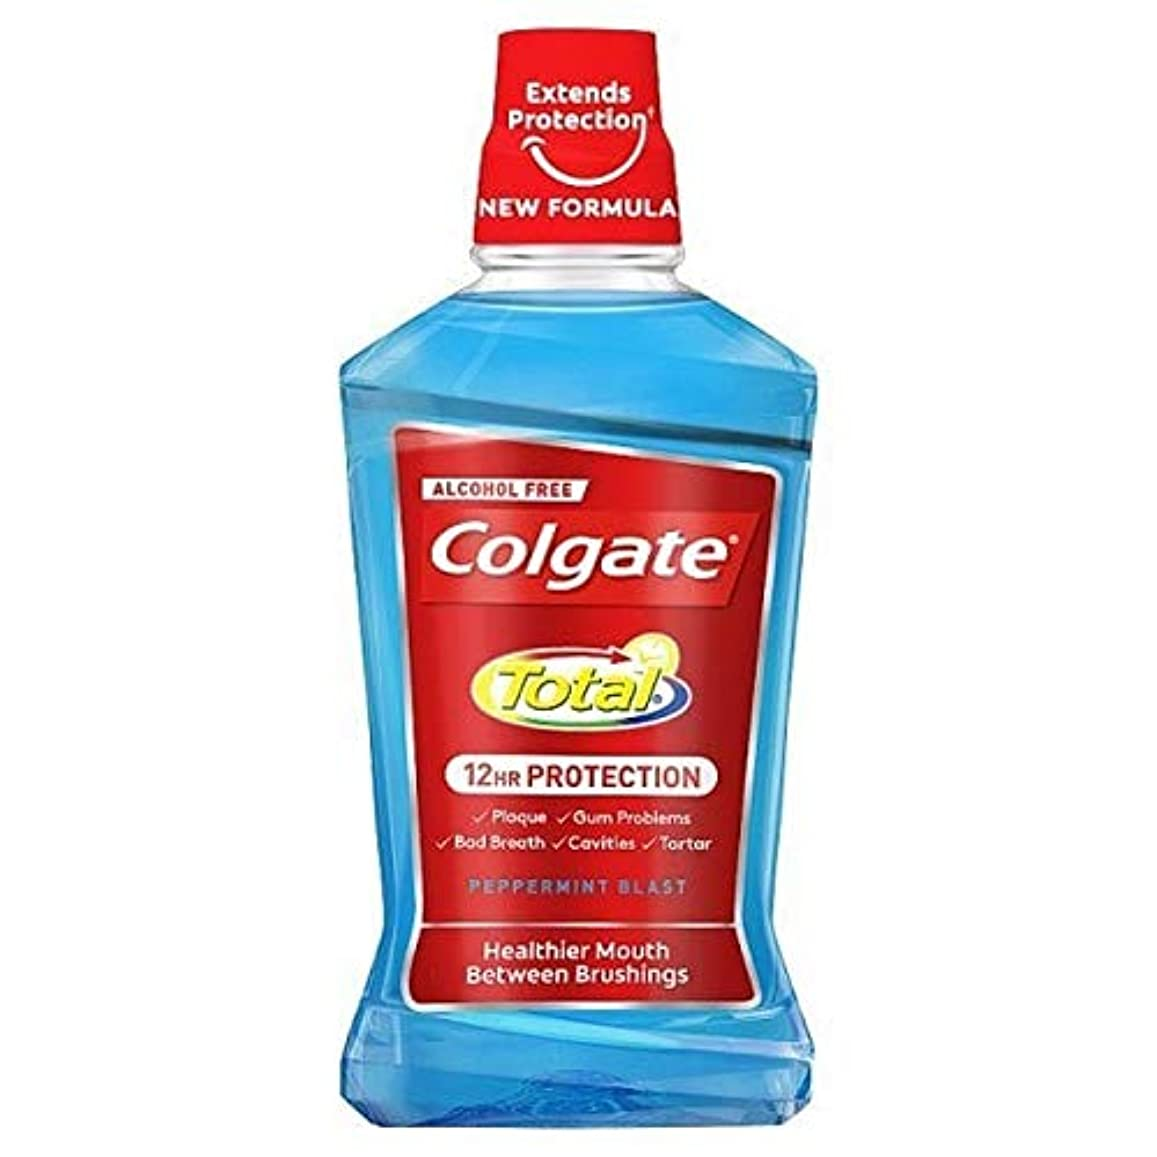 よろしく干渉する主張[Colgate ] コルゲートトータルペパーミントブラストマウスウォッシュ500ミリリットル - Colgate Total Peppermint Blast Mouthwash 500ml [並行輸入品]